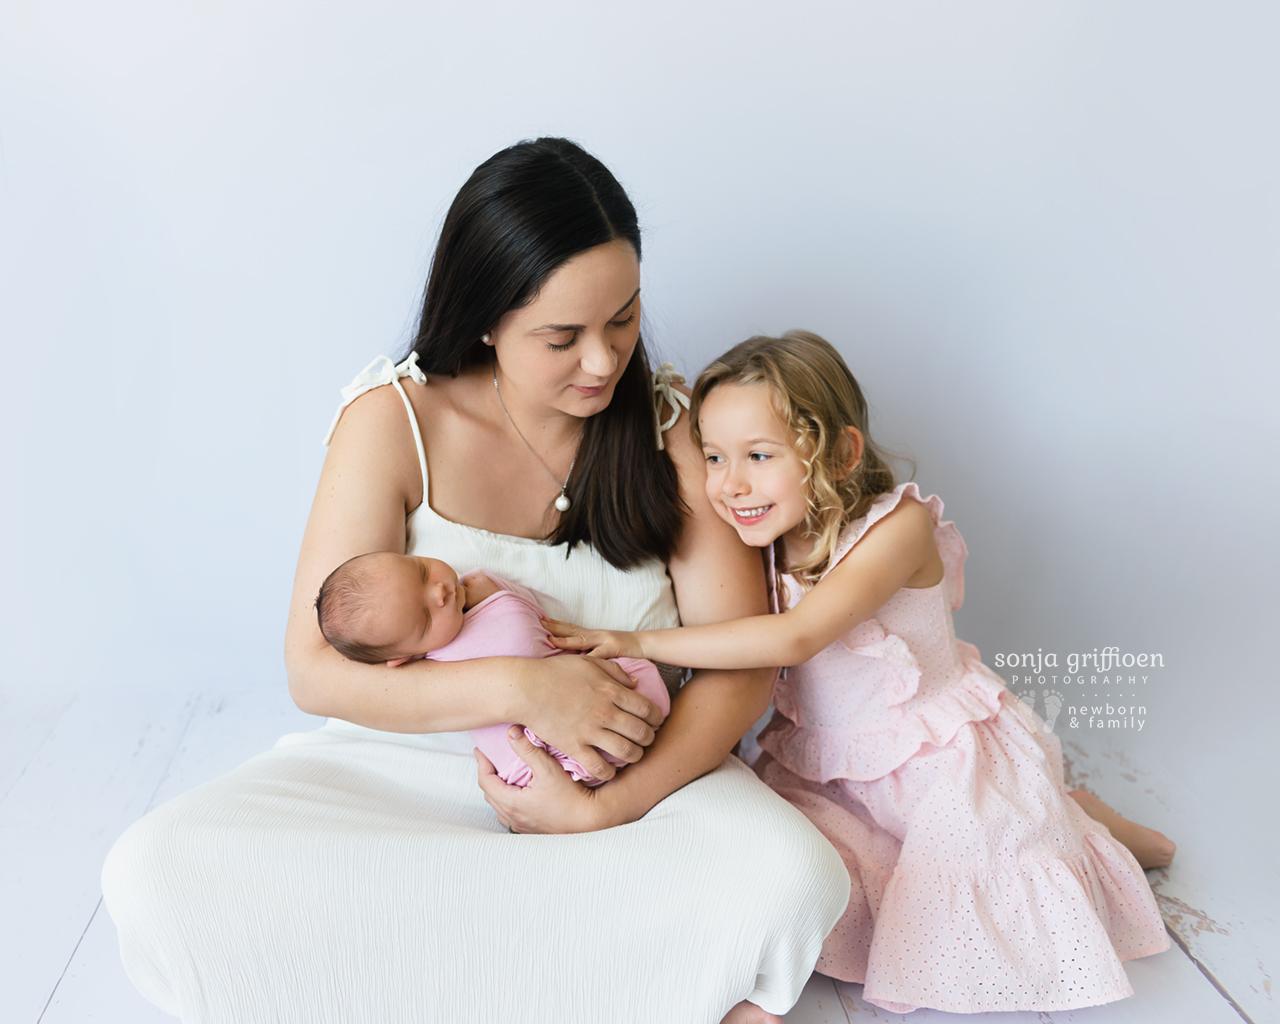 Indie-Newborn-Brisbane-Photographer-Sonja-Griffioen-06.jpg